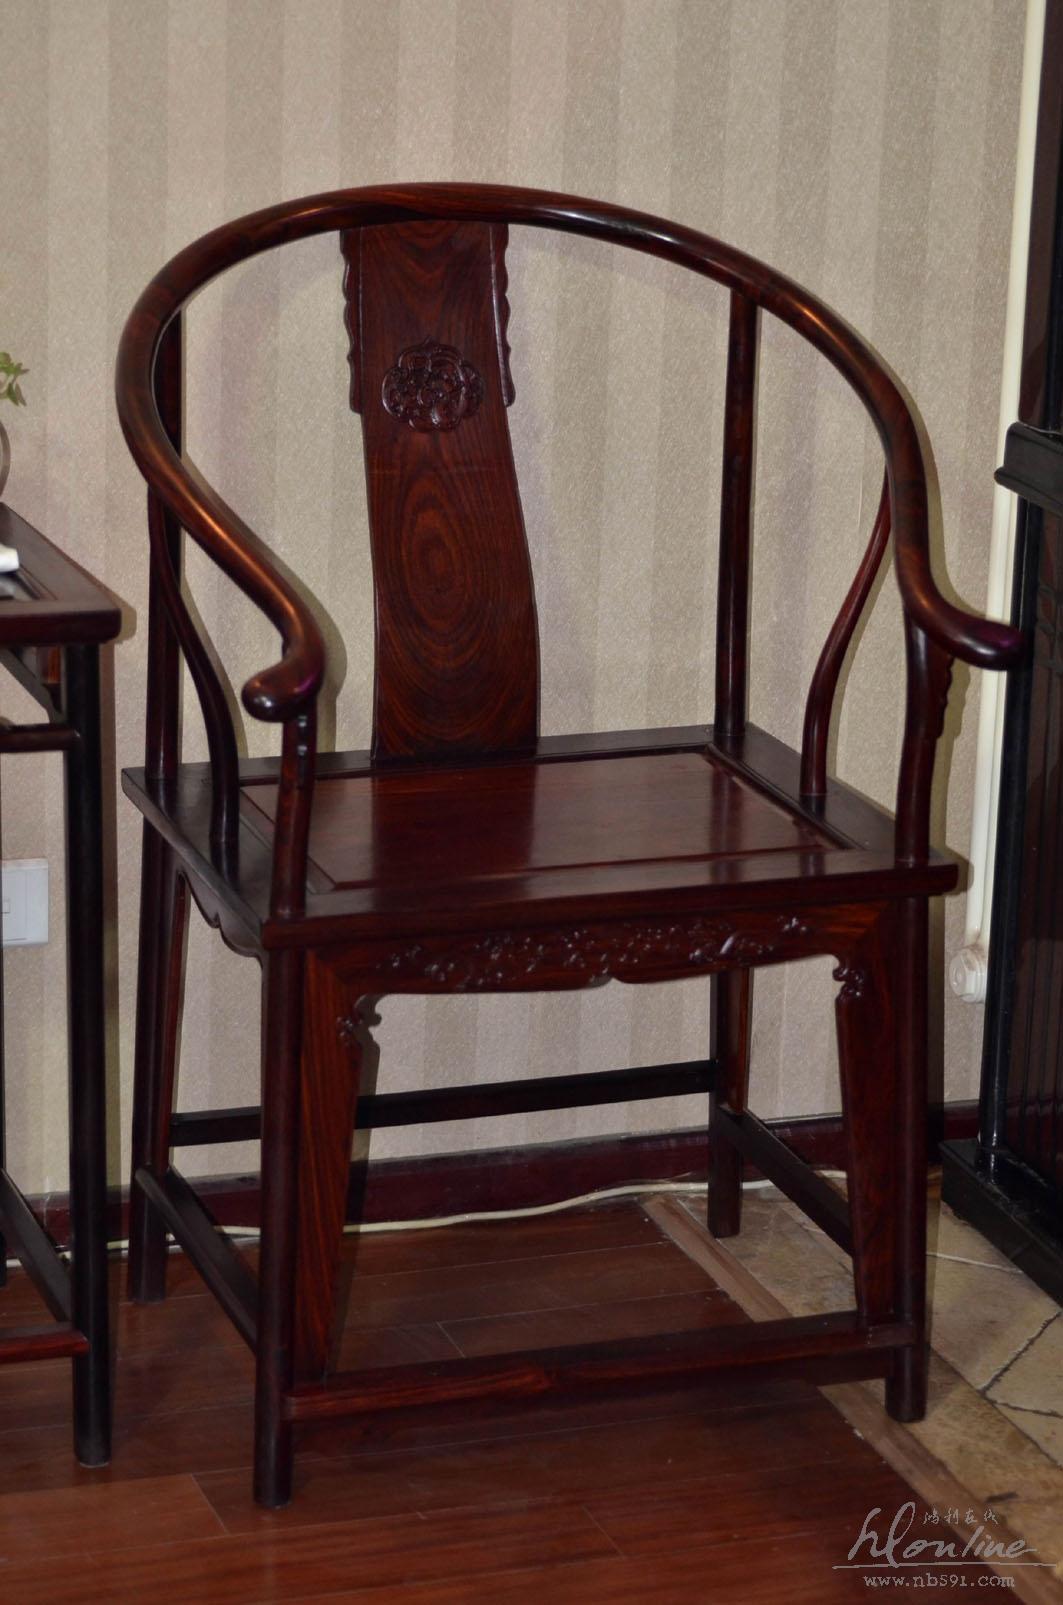 老挝红酸枝明式圈椅一套交趾黄檀明式圈椅 老红木圈椅一套 (3).JPG